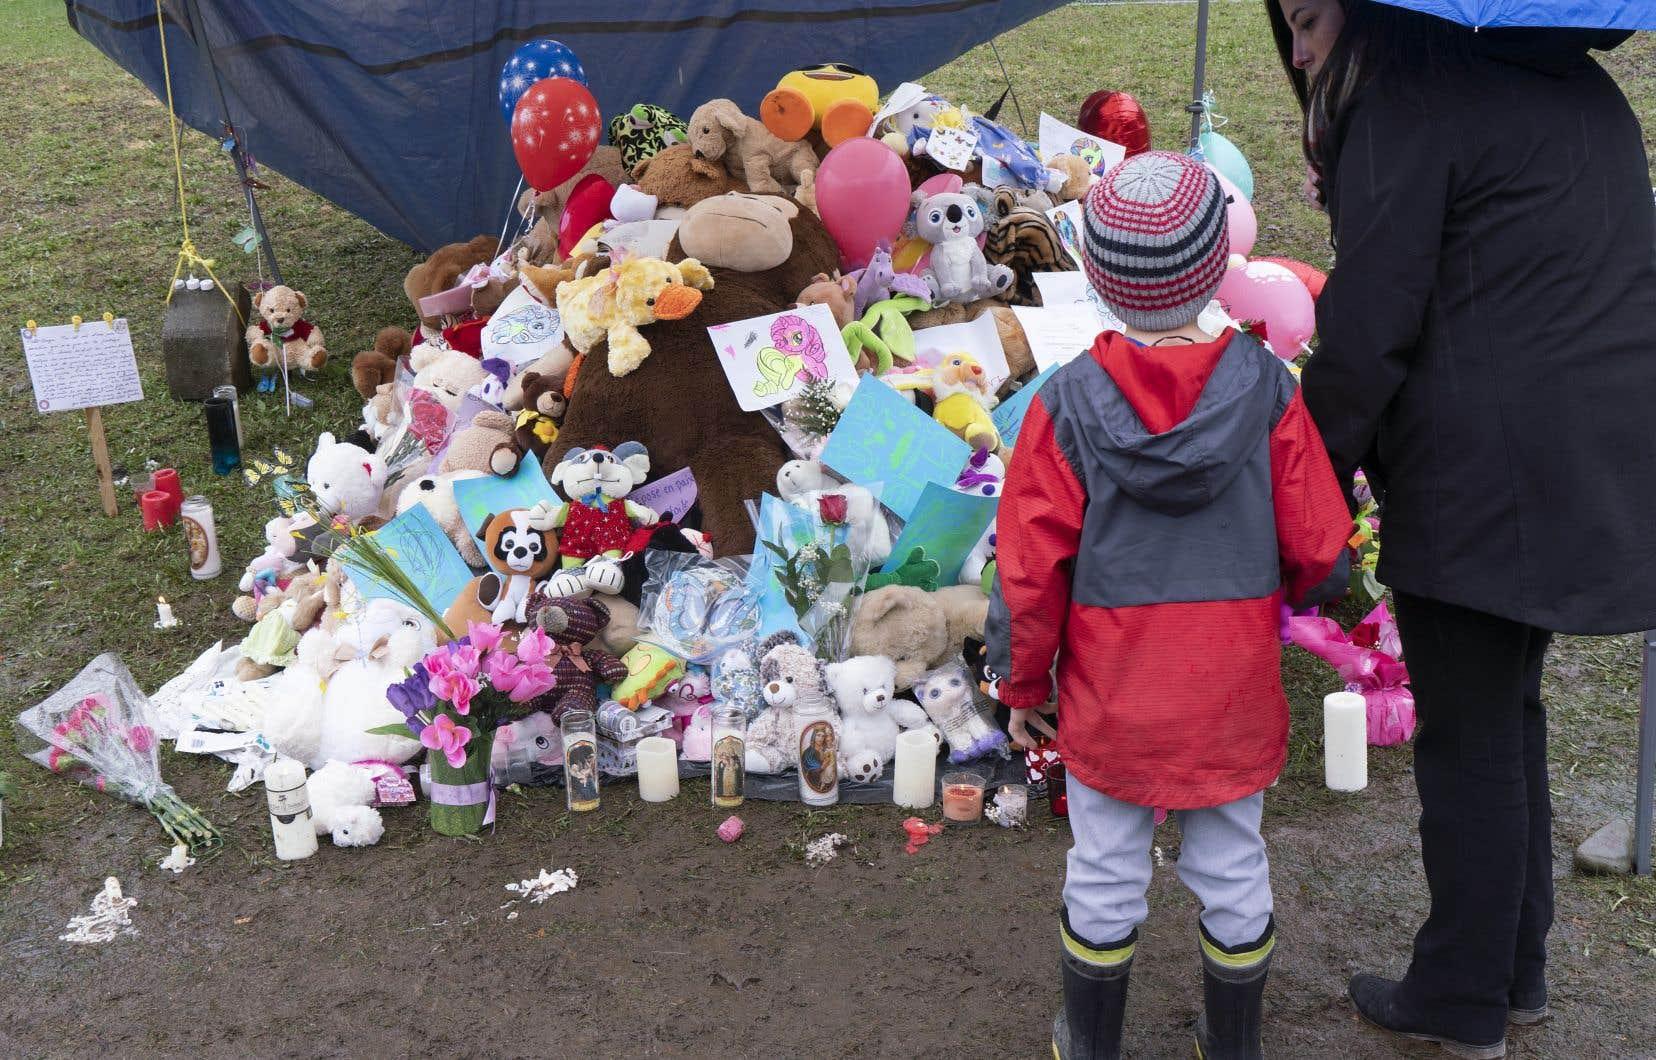 Un mausolée de peluches a été érigé en face de la maison de l'enfant décédée mardi à Granby des suites de sévices.